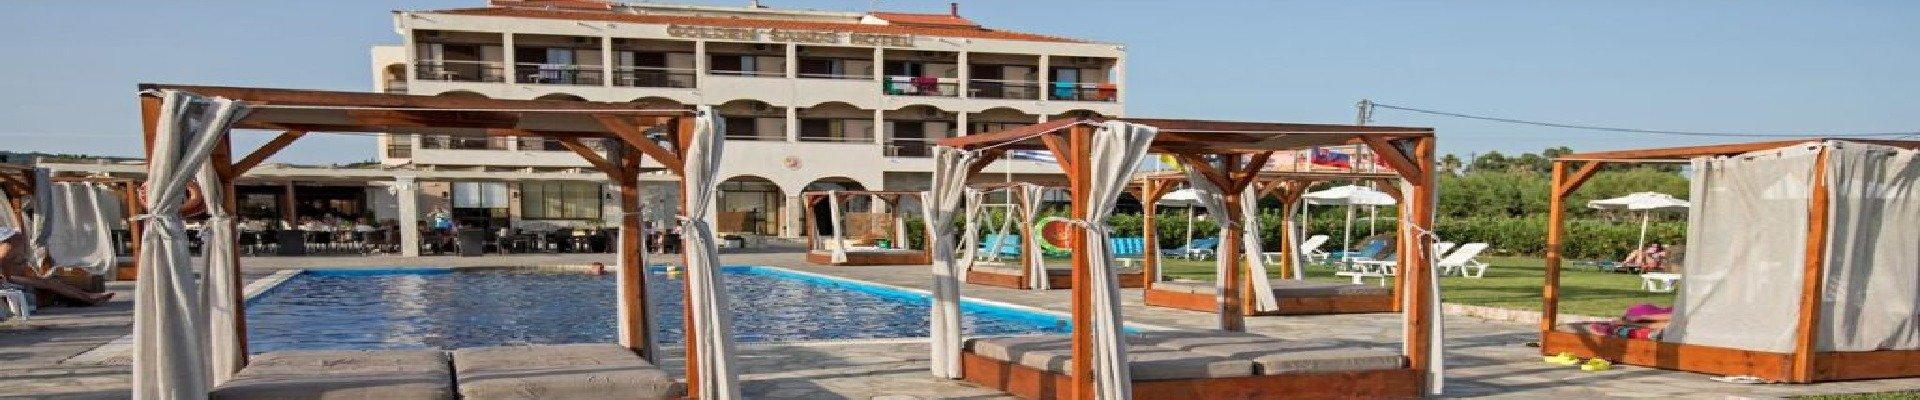 Hotel Golden Sand header